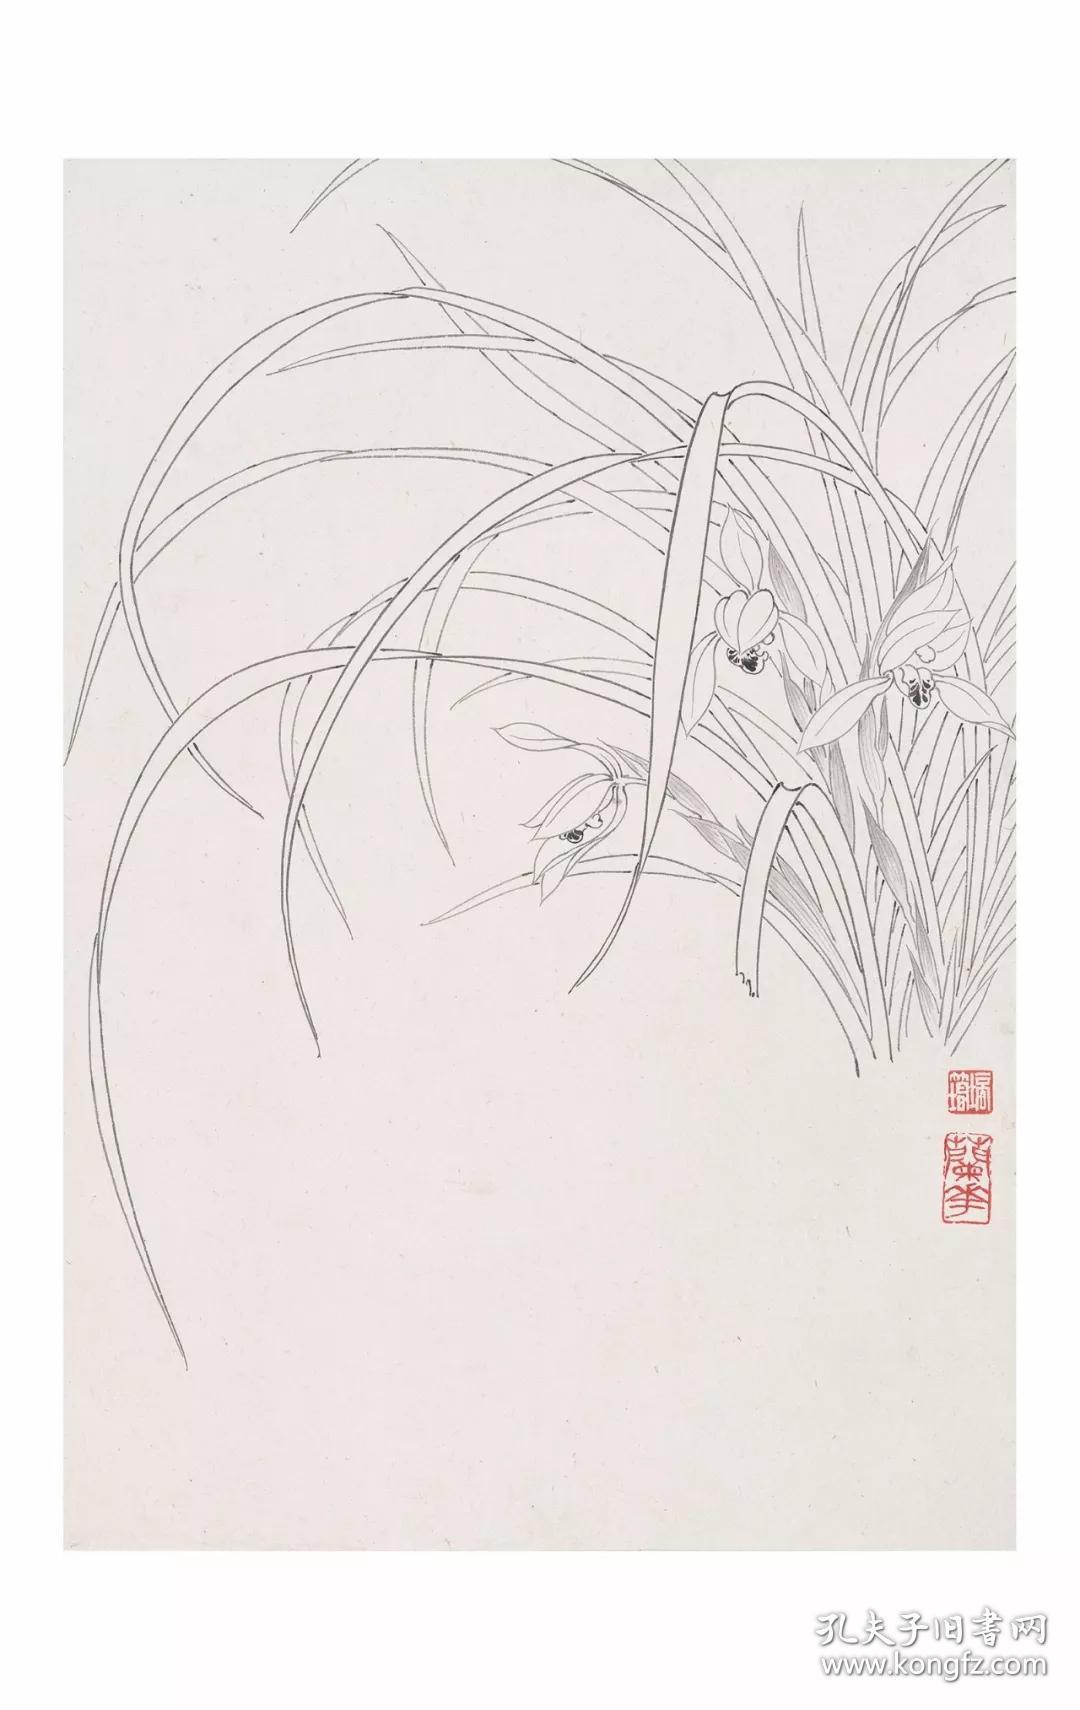 章培筠白描花鸟作品集 / 附工笔花鸟画教材二,白描花卉图片